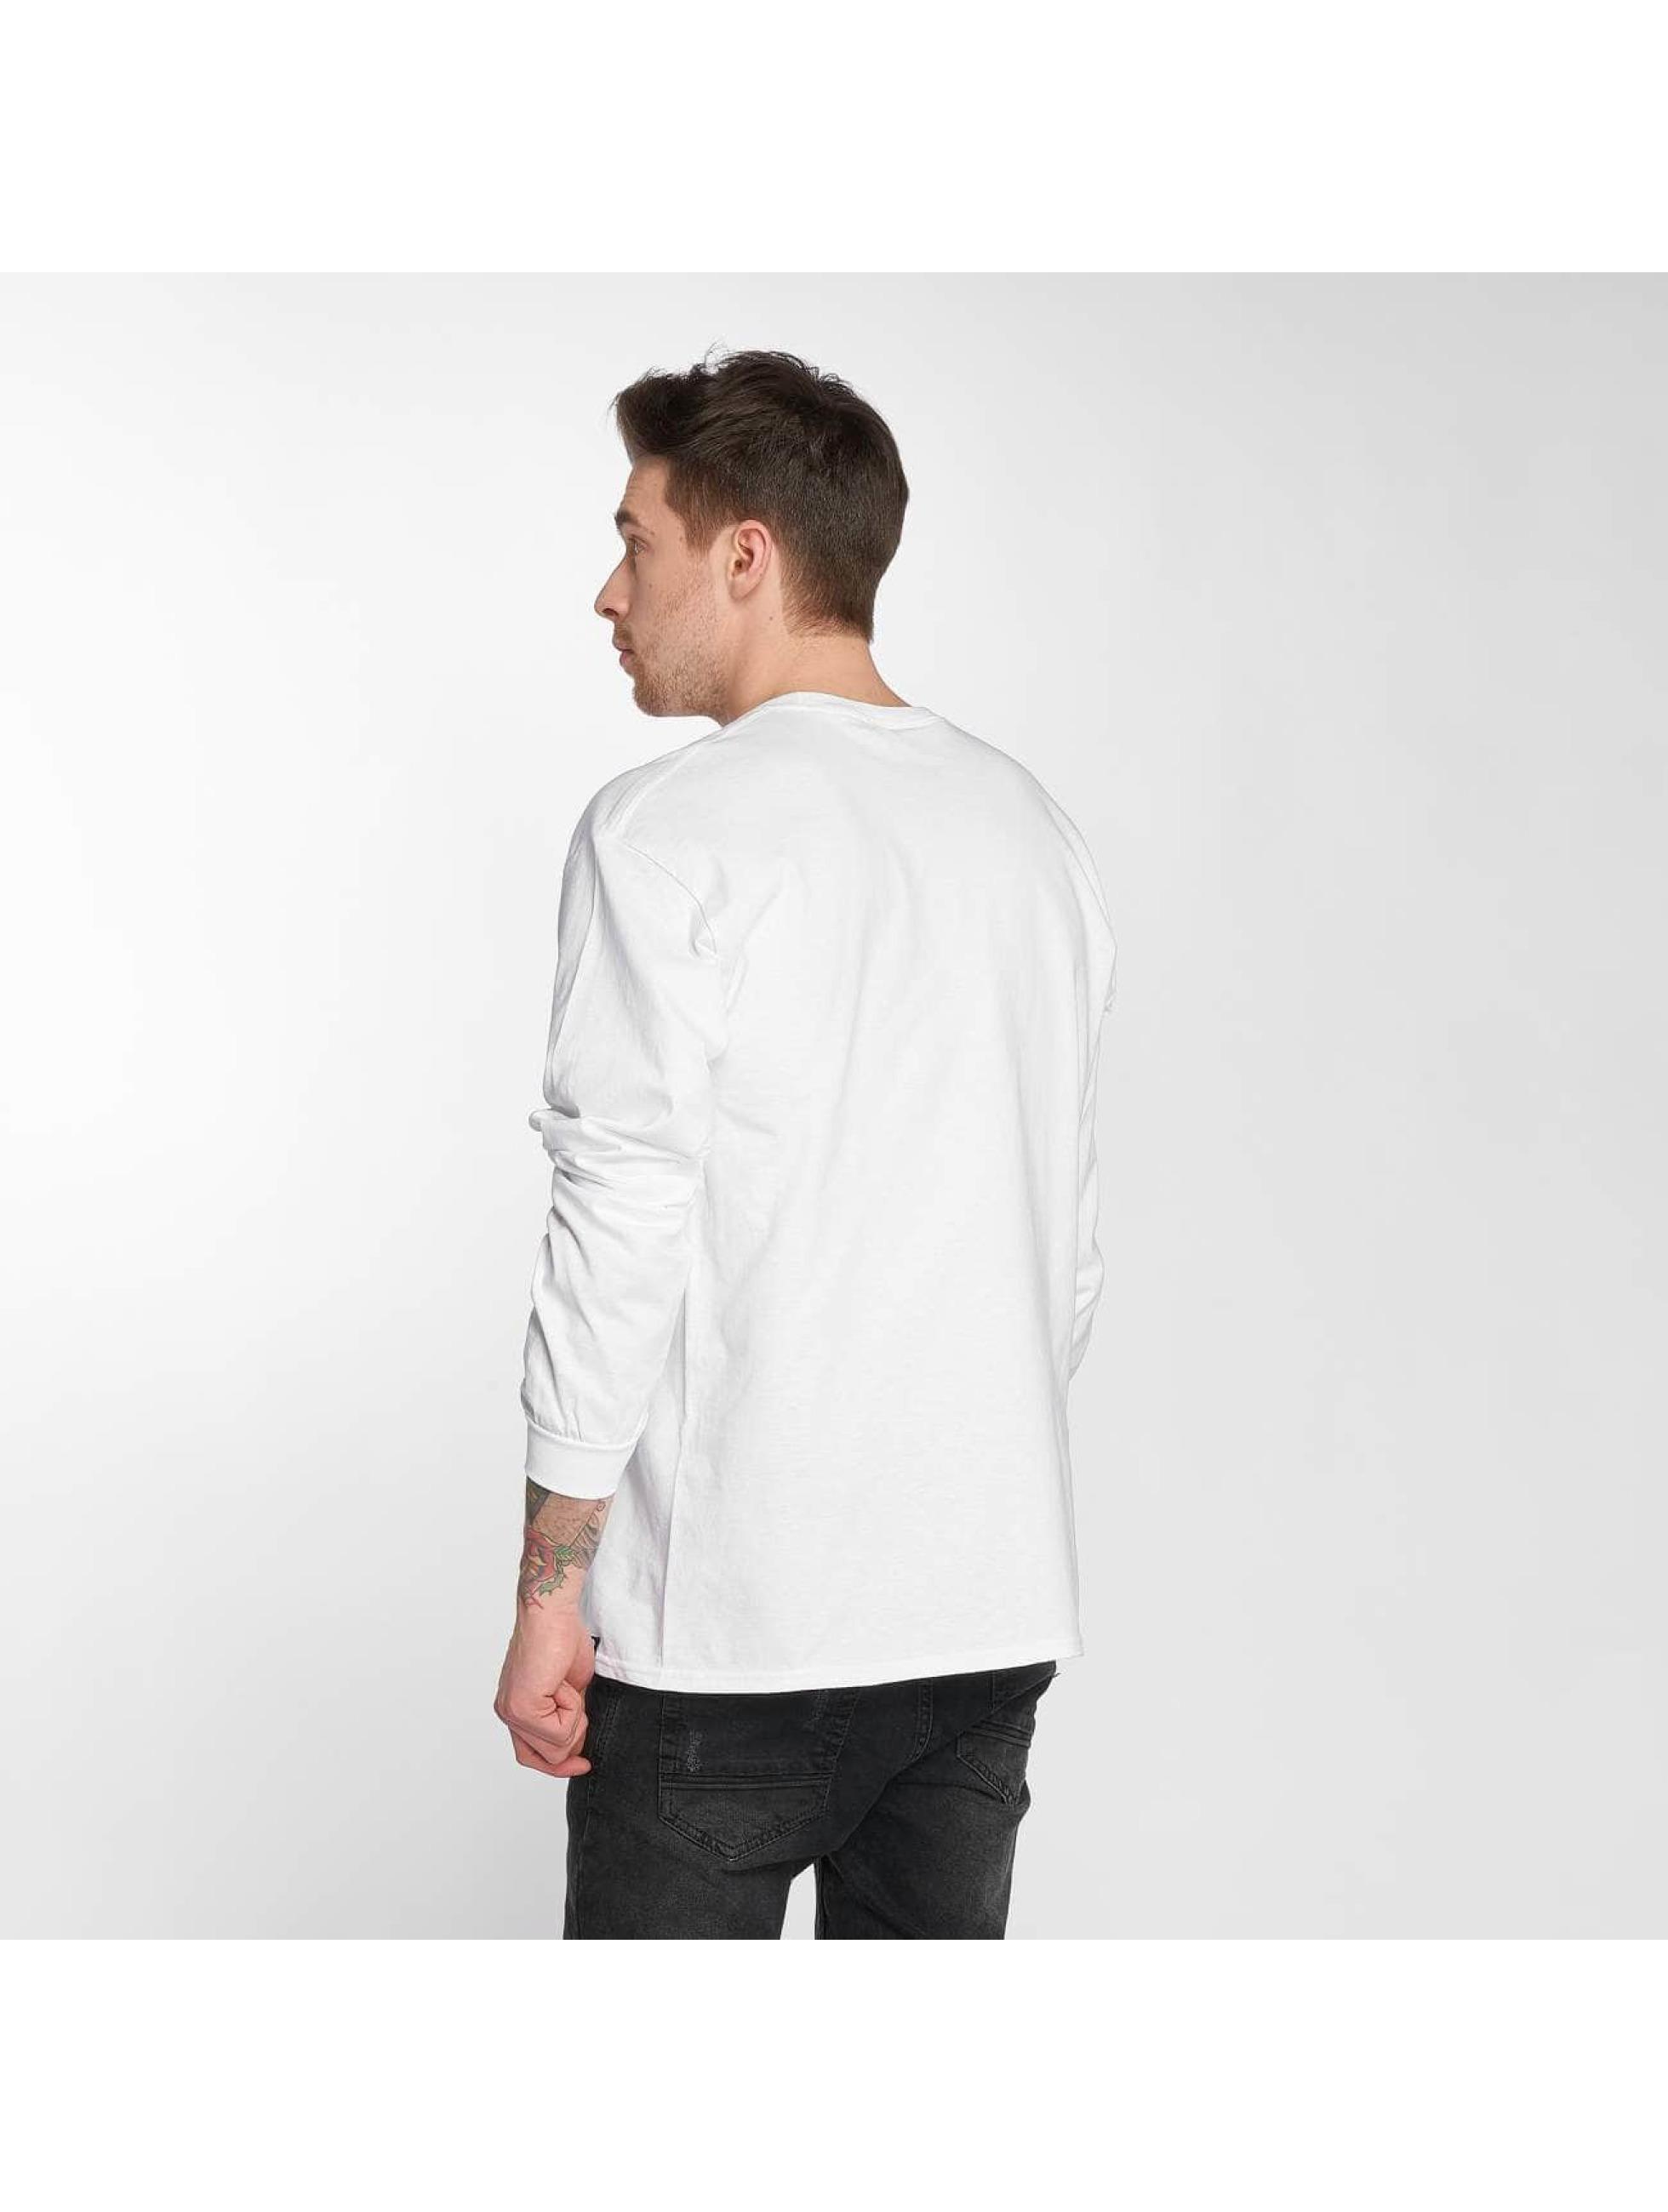 Joker Pitkähihaiset paidat Clown Brand valkoinen